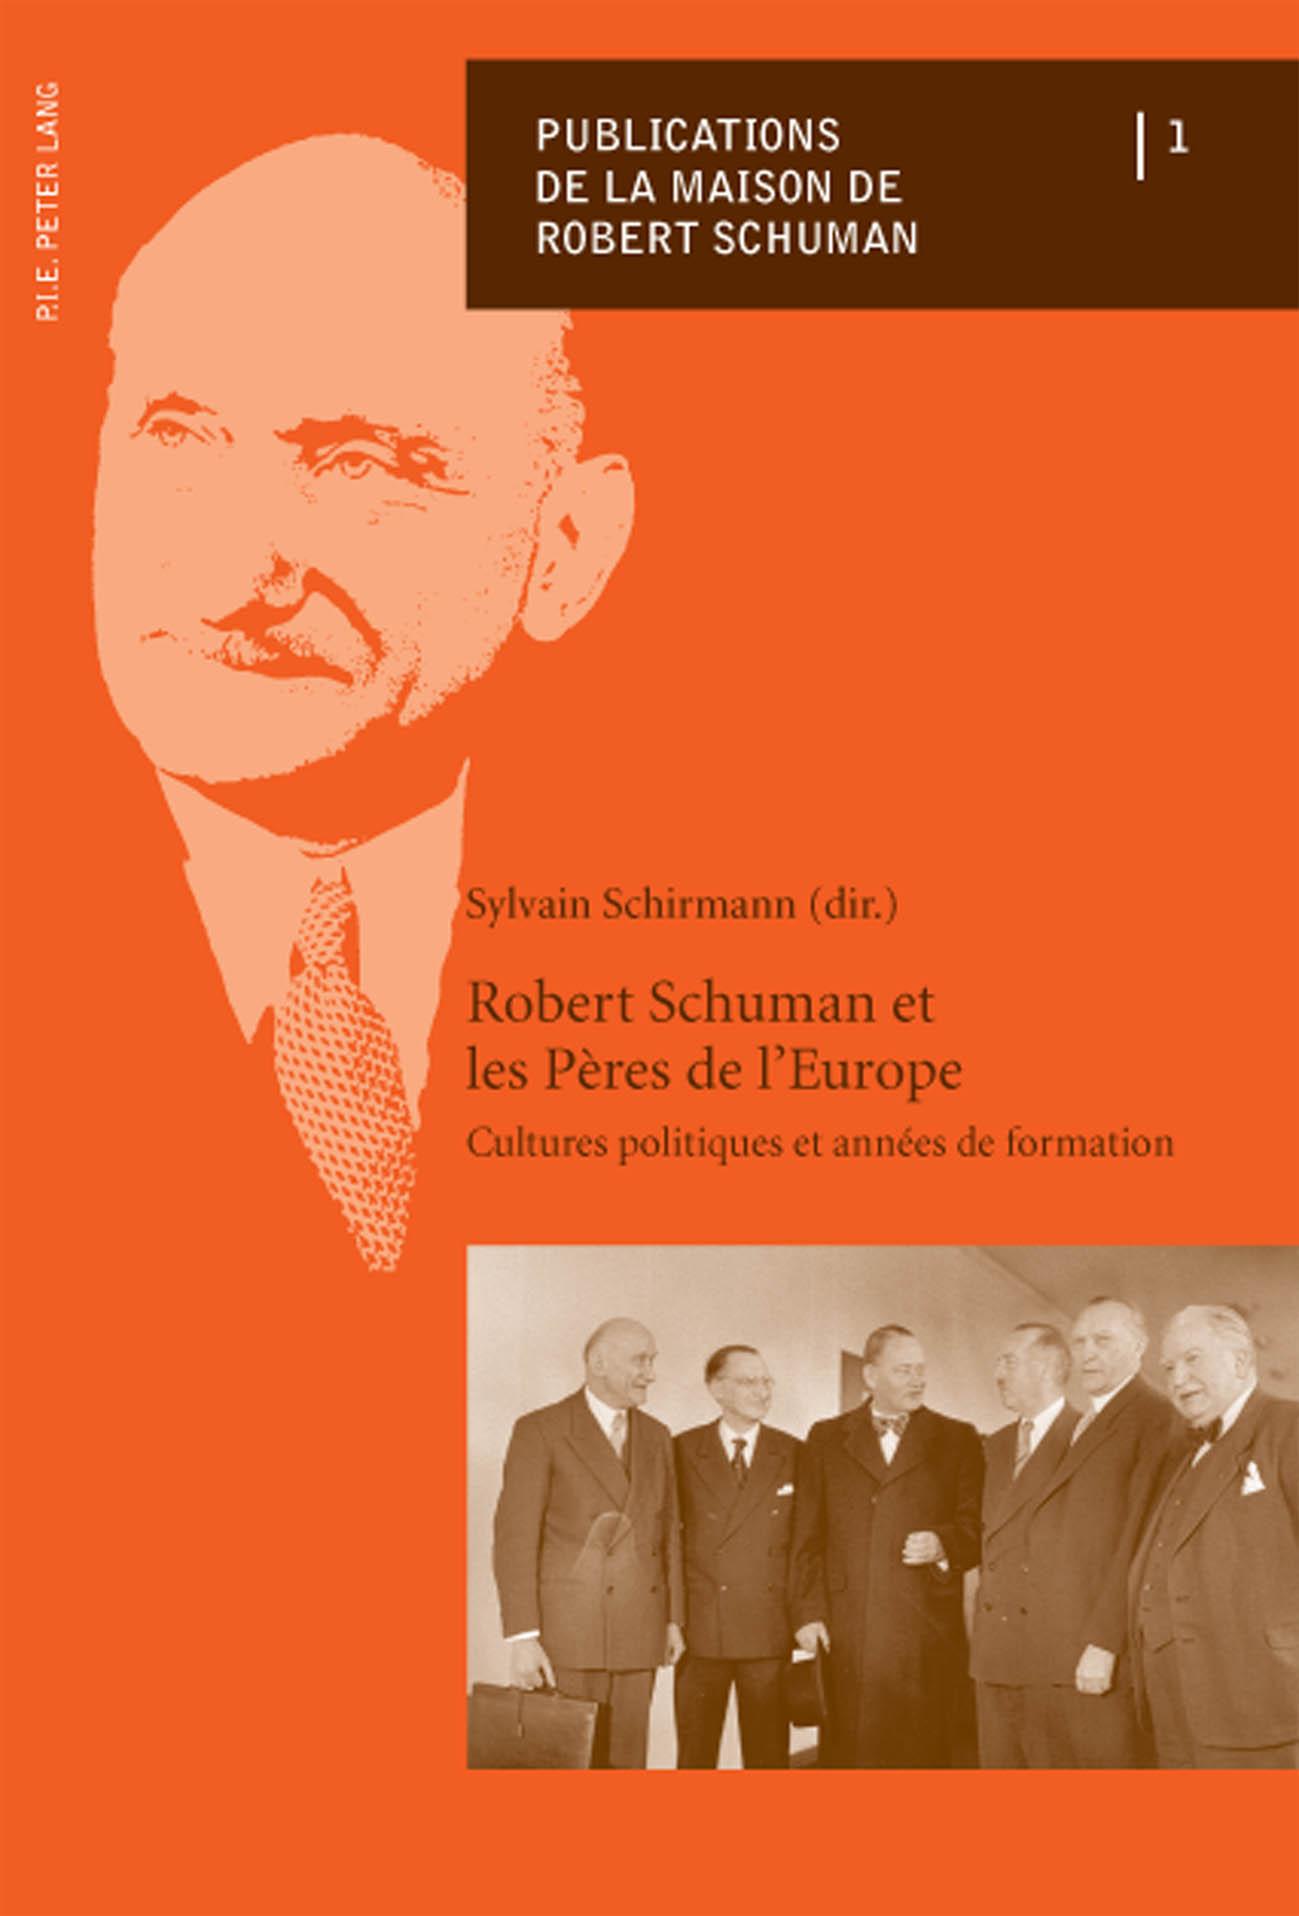 ROBERT SCHUMAN ET LES PERES DE L'EUROPE